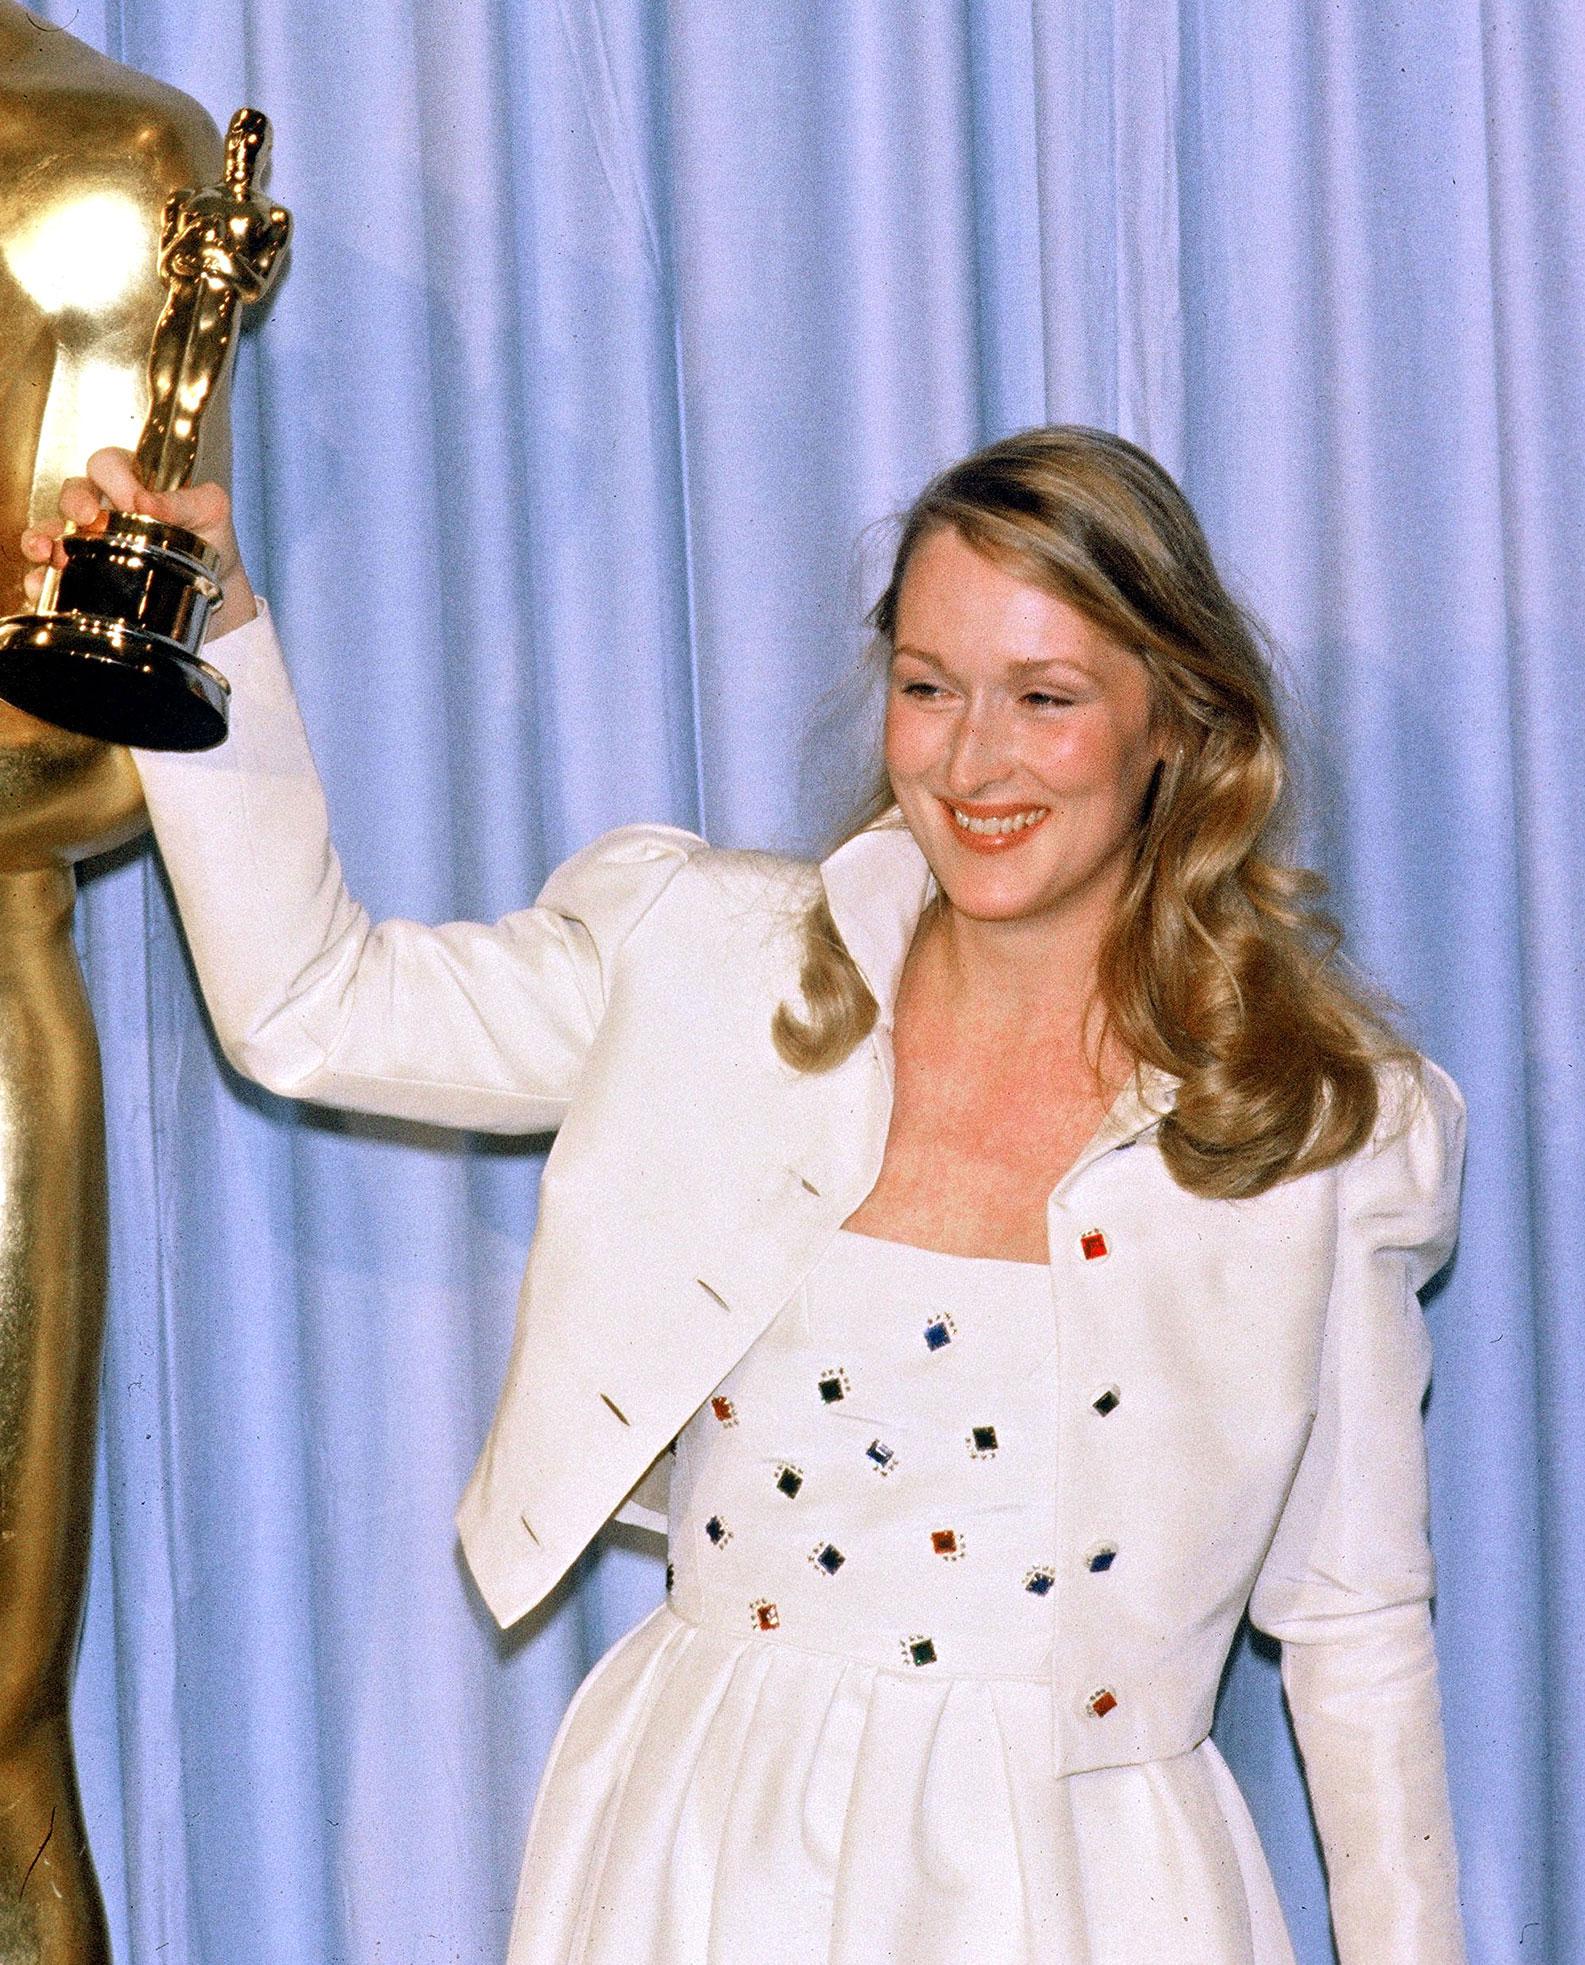 Meryl Streep 1980 Academy Awards Kramer vs Kramer - Golden Girl! Streep was honored at the 52nd Academy Awards, taking home the statue for Best Supporting Actress for her role opposite Dustin Hoffman in 1979's Kramer vs. Kramer .